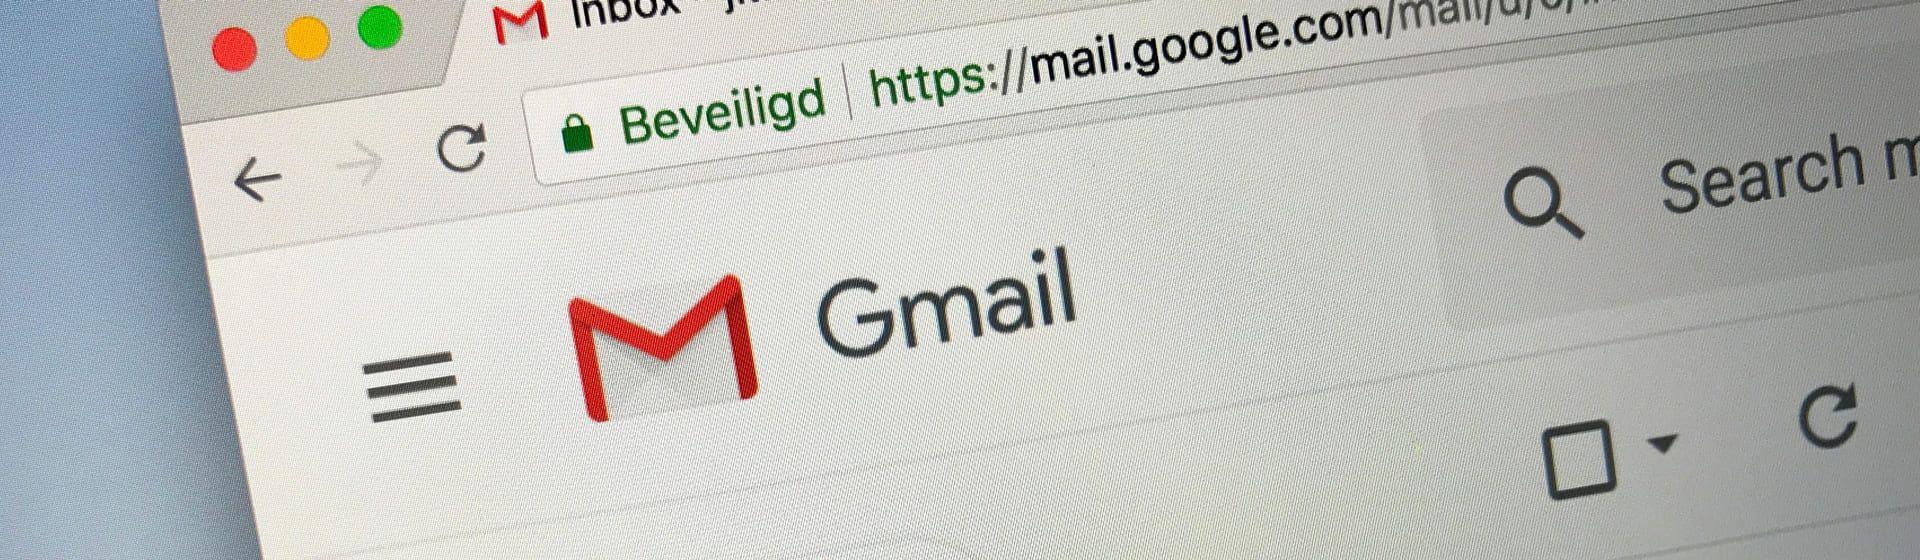 Como criar um e-mail no Gmail, em outros sites ou personalizado?